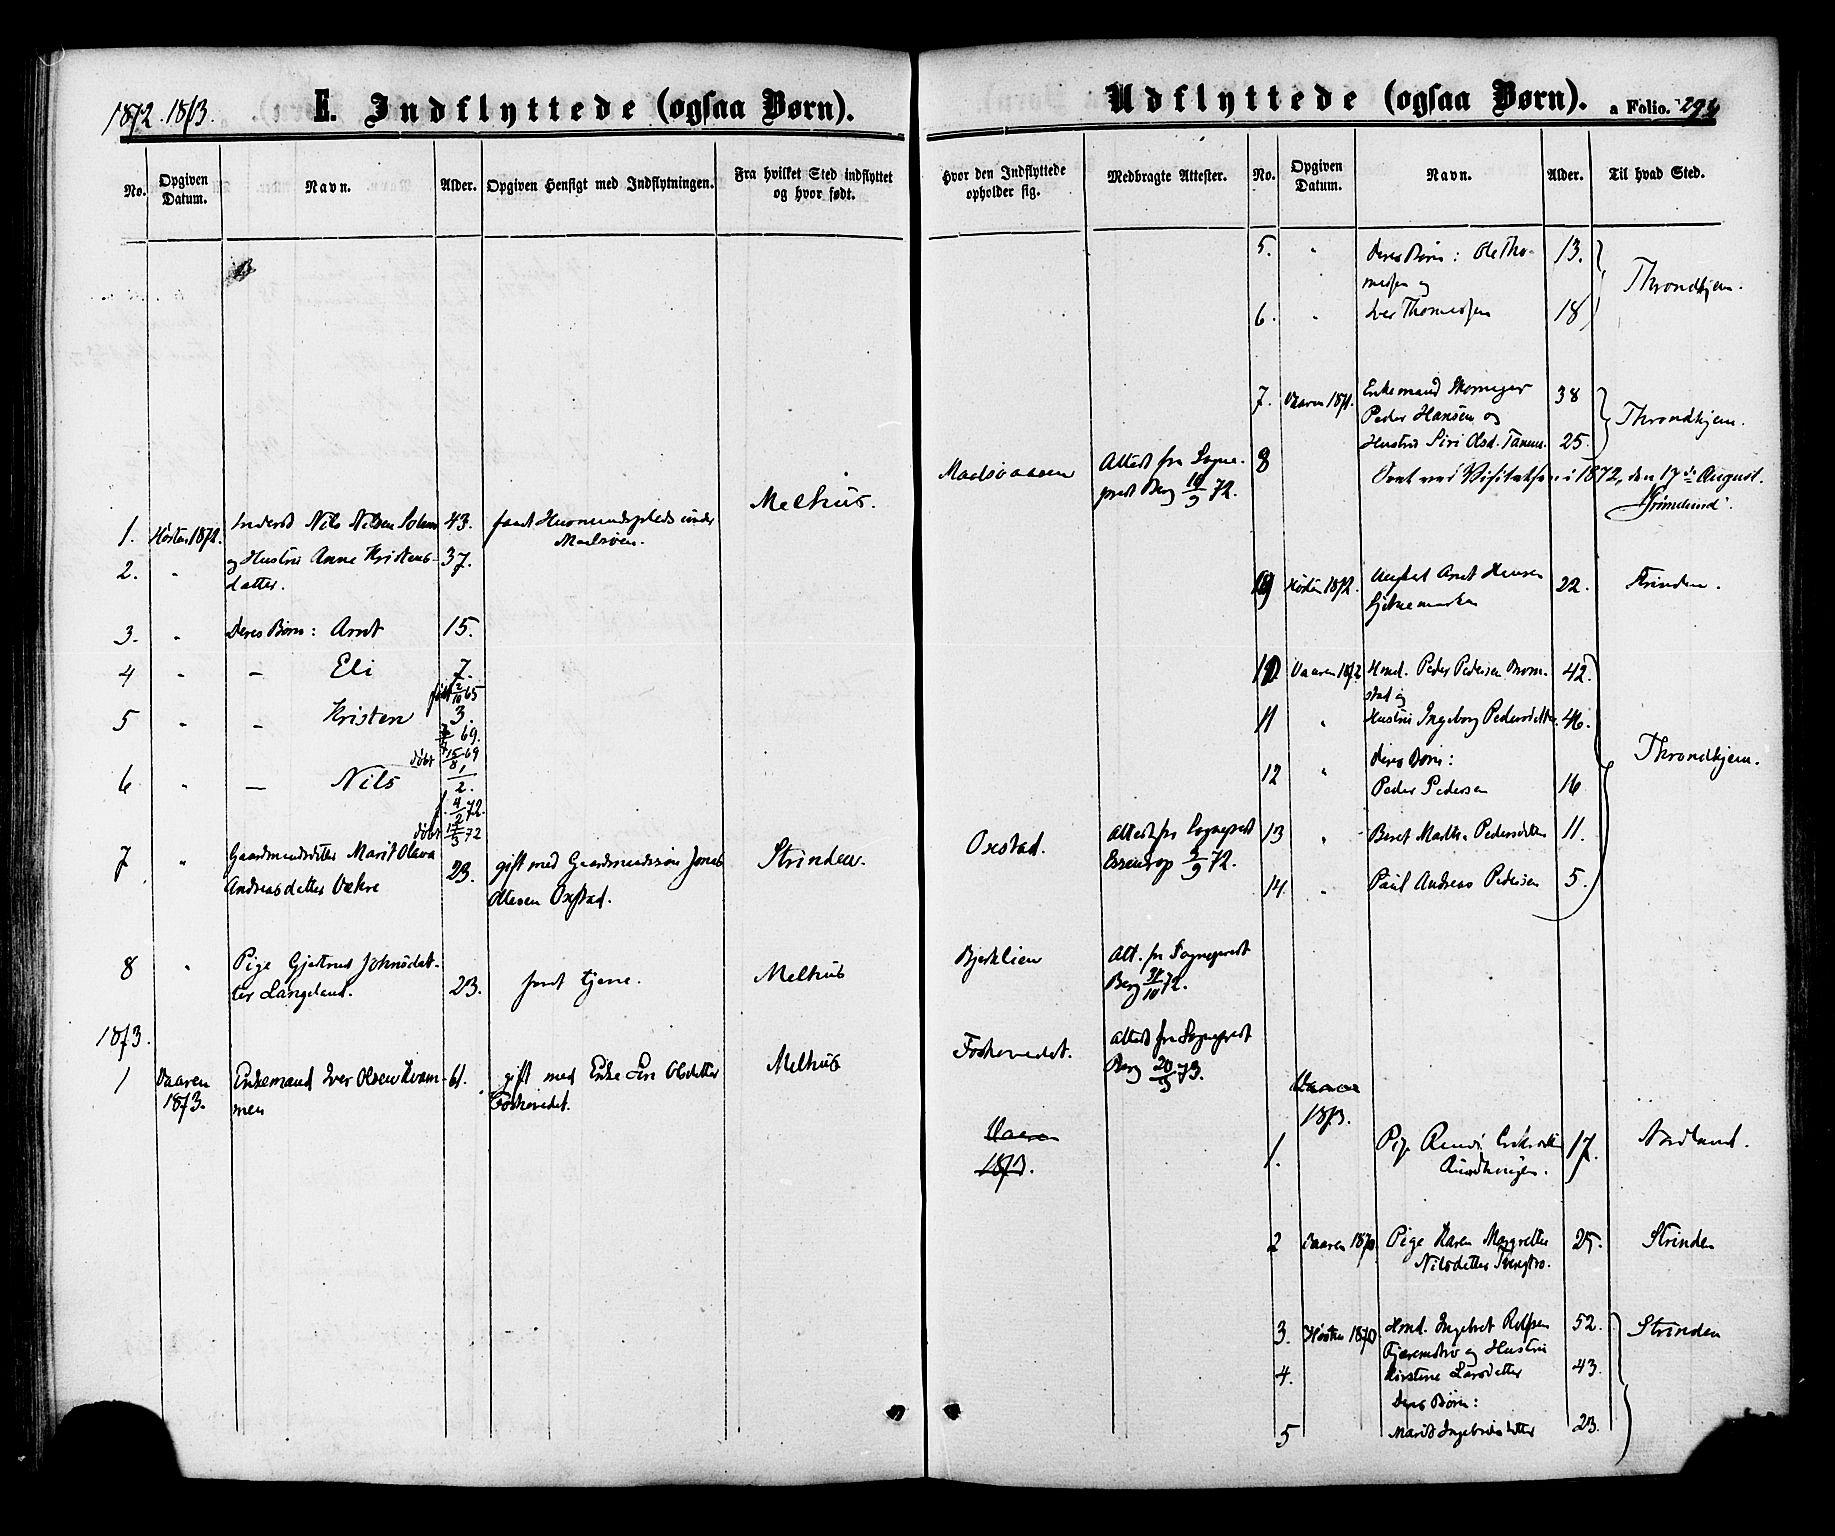 SAT, Ministerialprotokoller, klokkerbøker og fødselsregistre - Sør-Trøndelag, 618/L0442: Ministerialbok nr. 618A06 /1, 1863-1879, s. 294